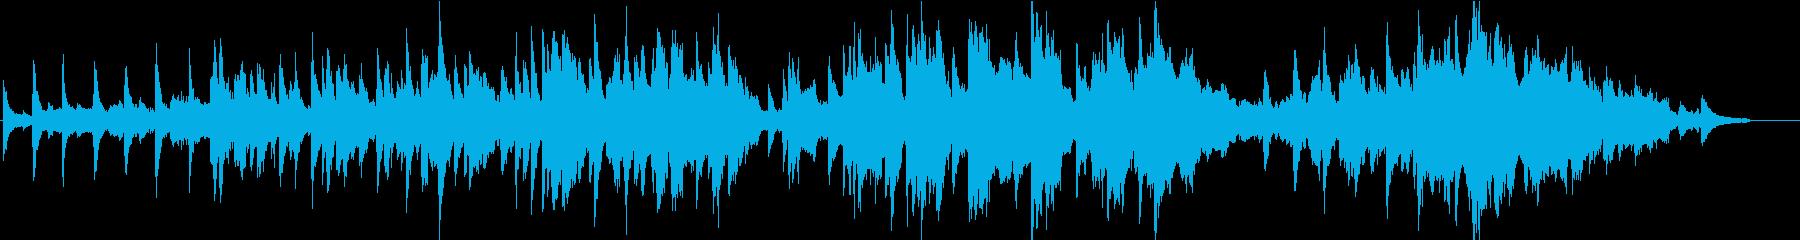 ピアノと弦楽器による静かなバラードの再生済みの波形